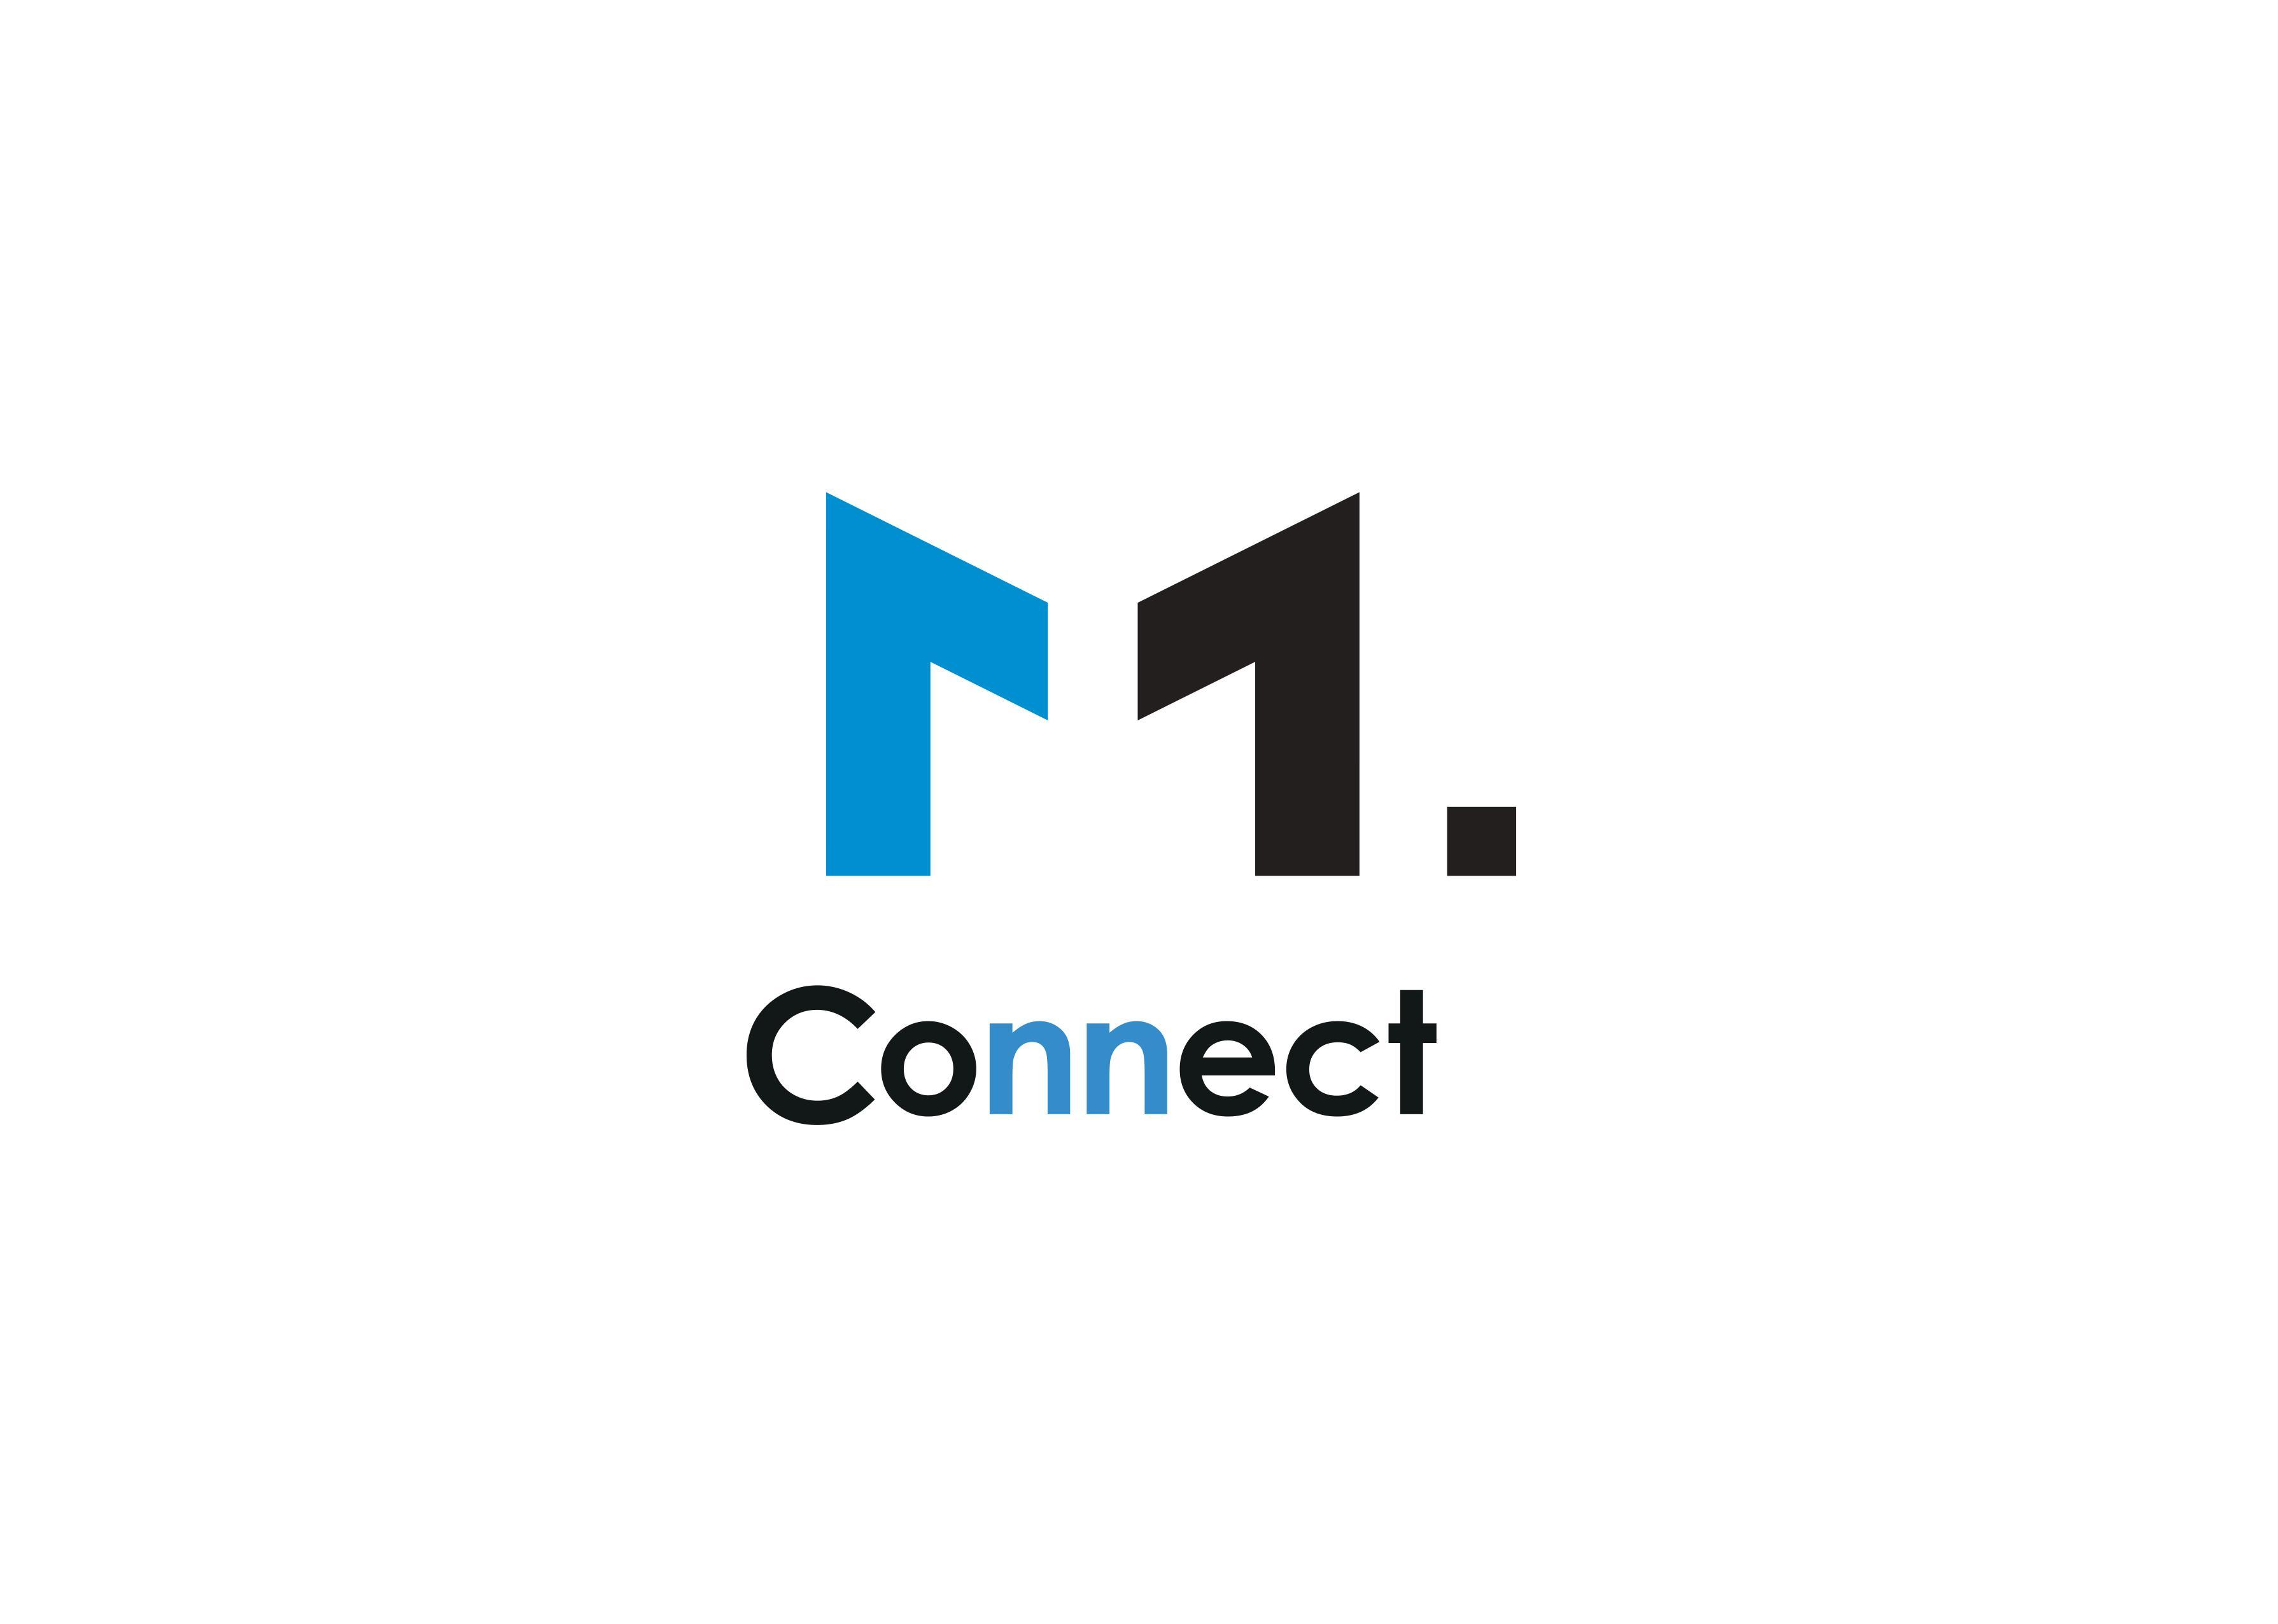 -労働生産性の向上は戦略的な産業保健活動が要- 産業医業務管理システム「M Connect」の提供を開始